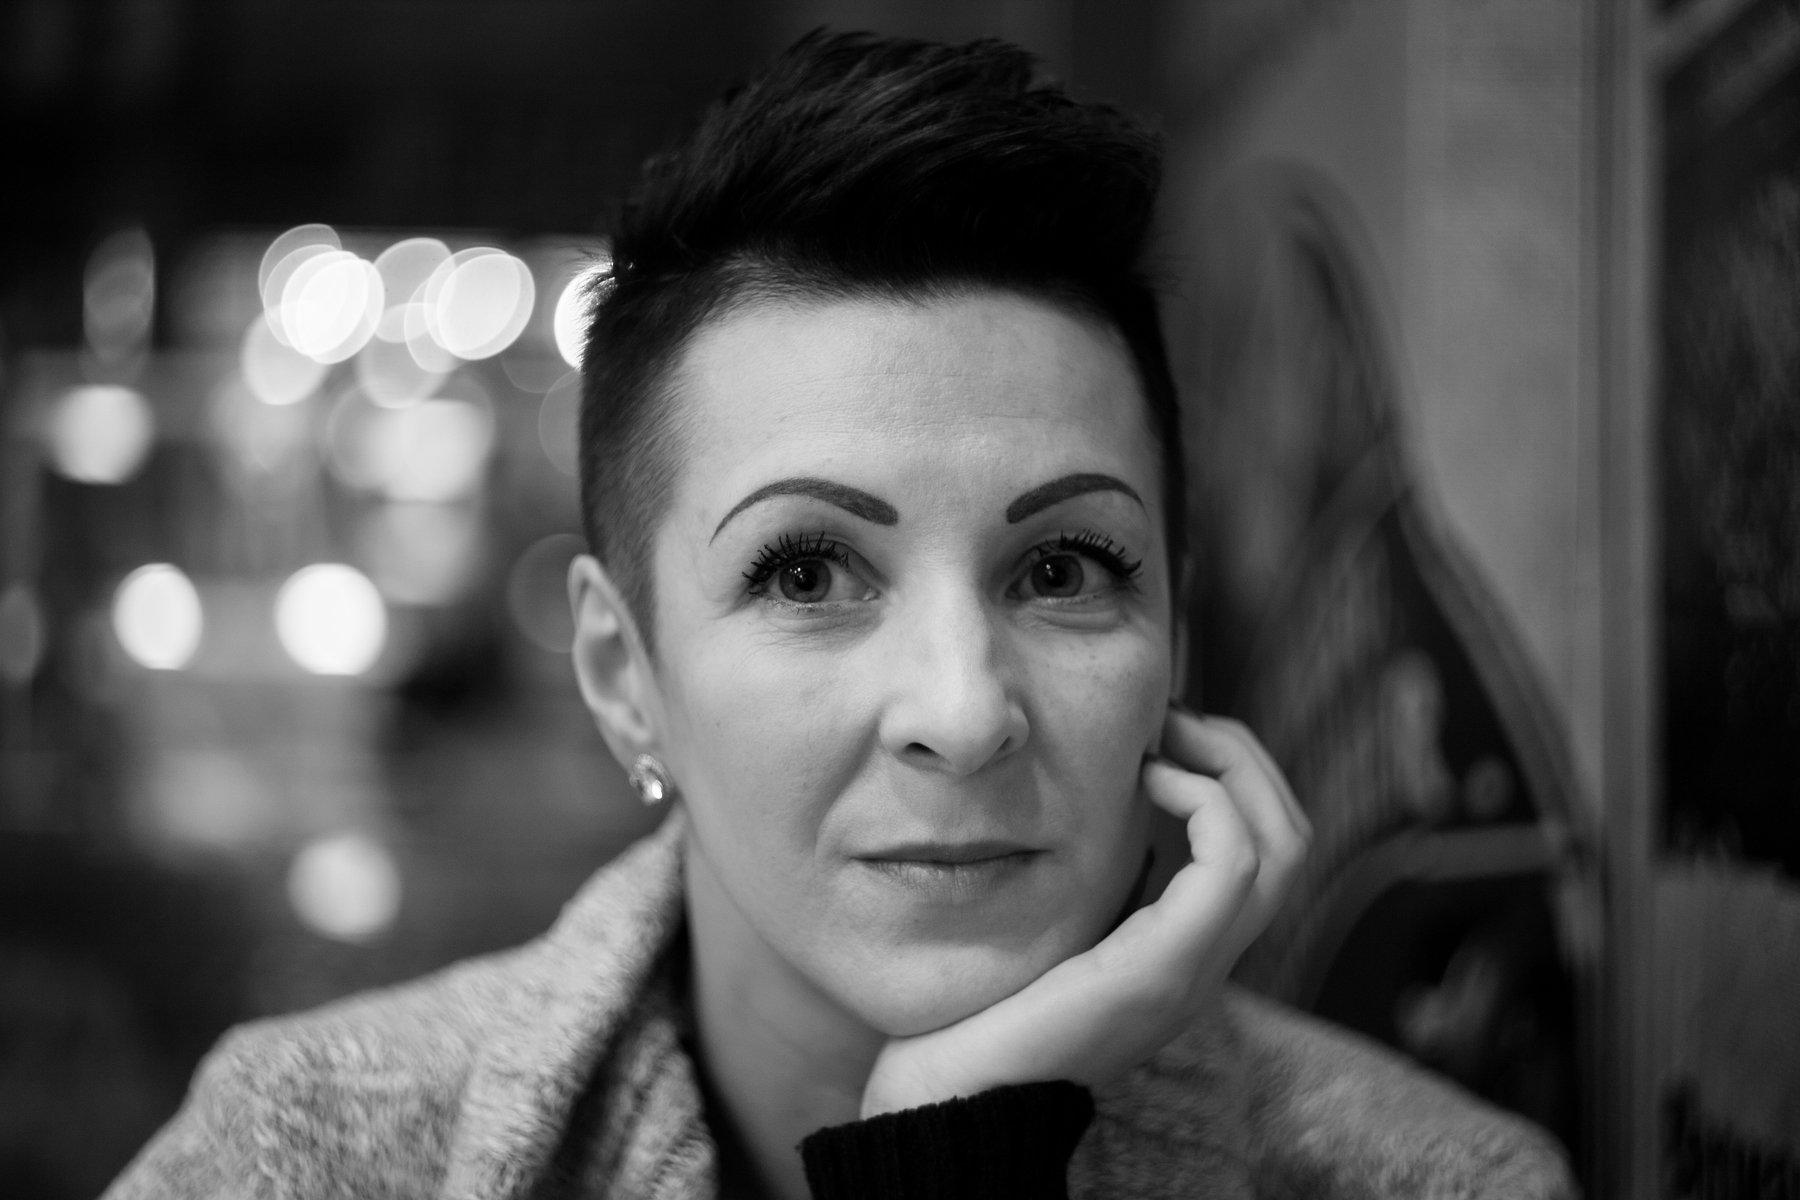 портрет женщина взгляд разговор , Павел Куренбин